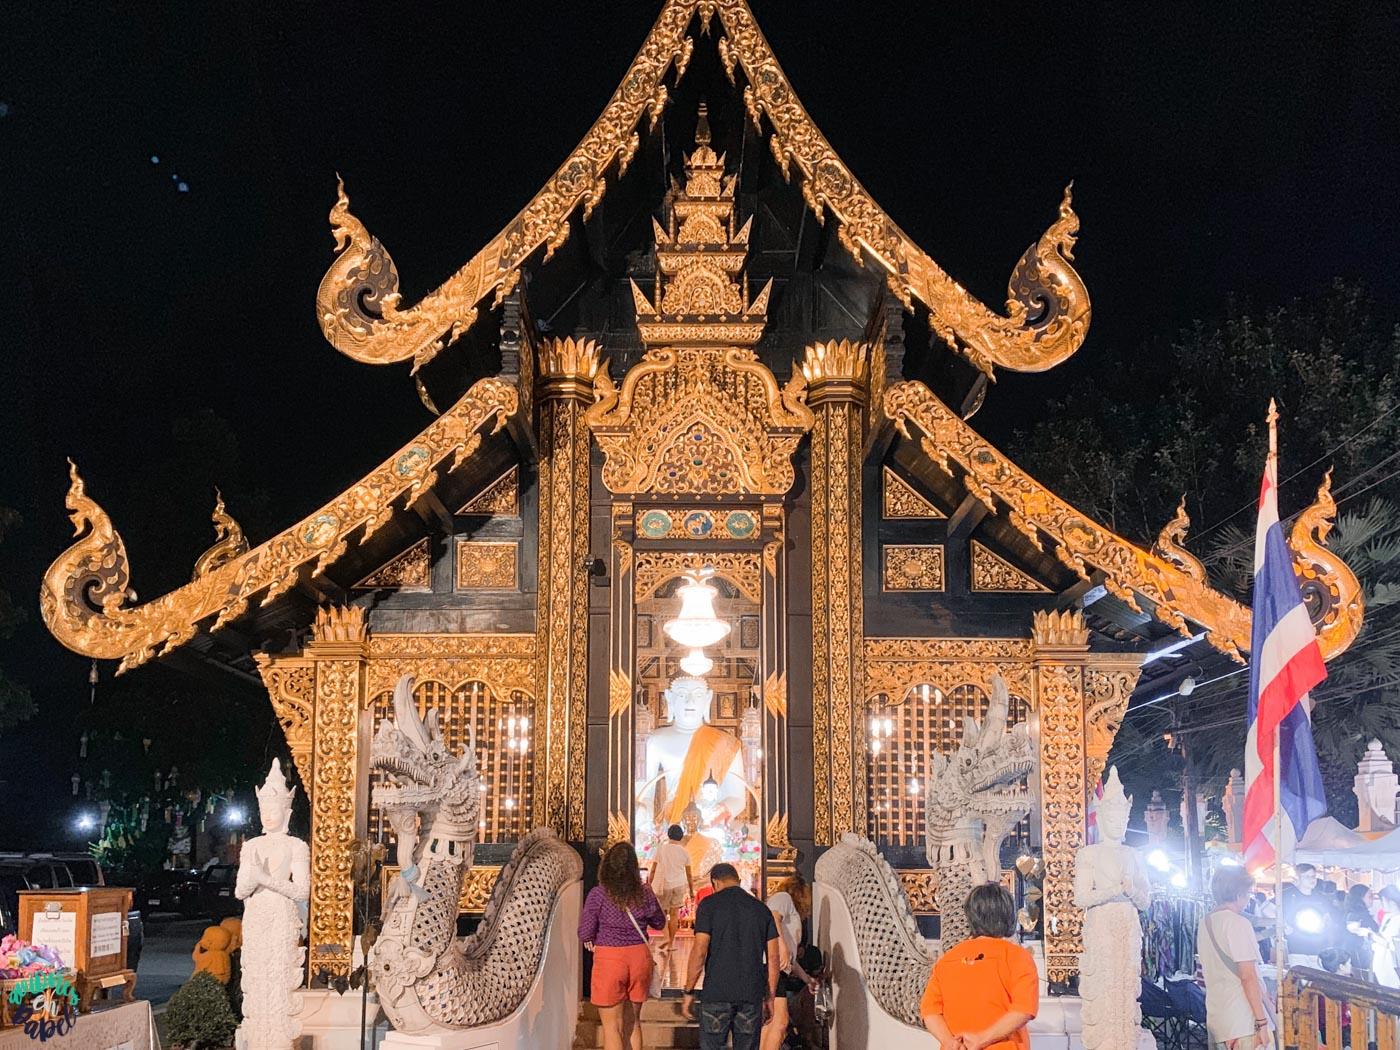 Qué hacer en Chiang Mai en 3 días: Visitar el Sunday Night Market